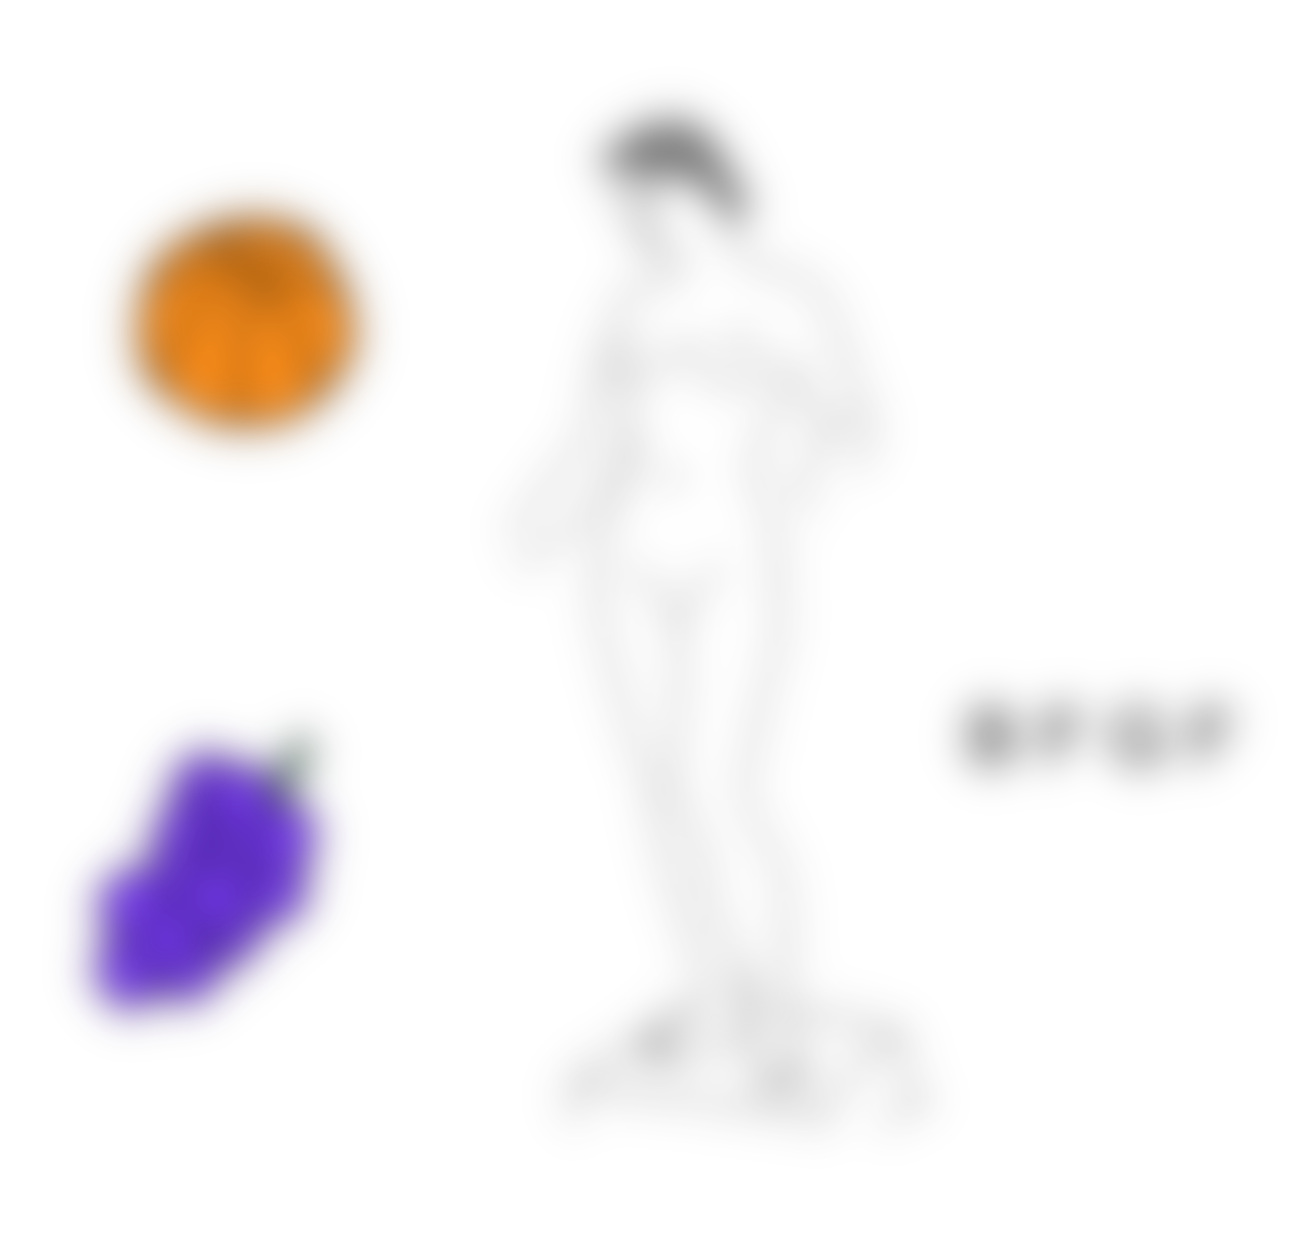 BFGF logo